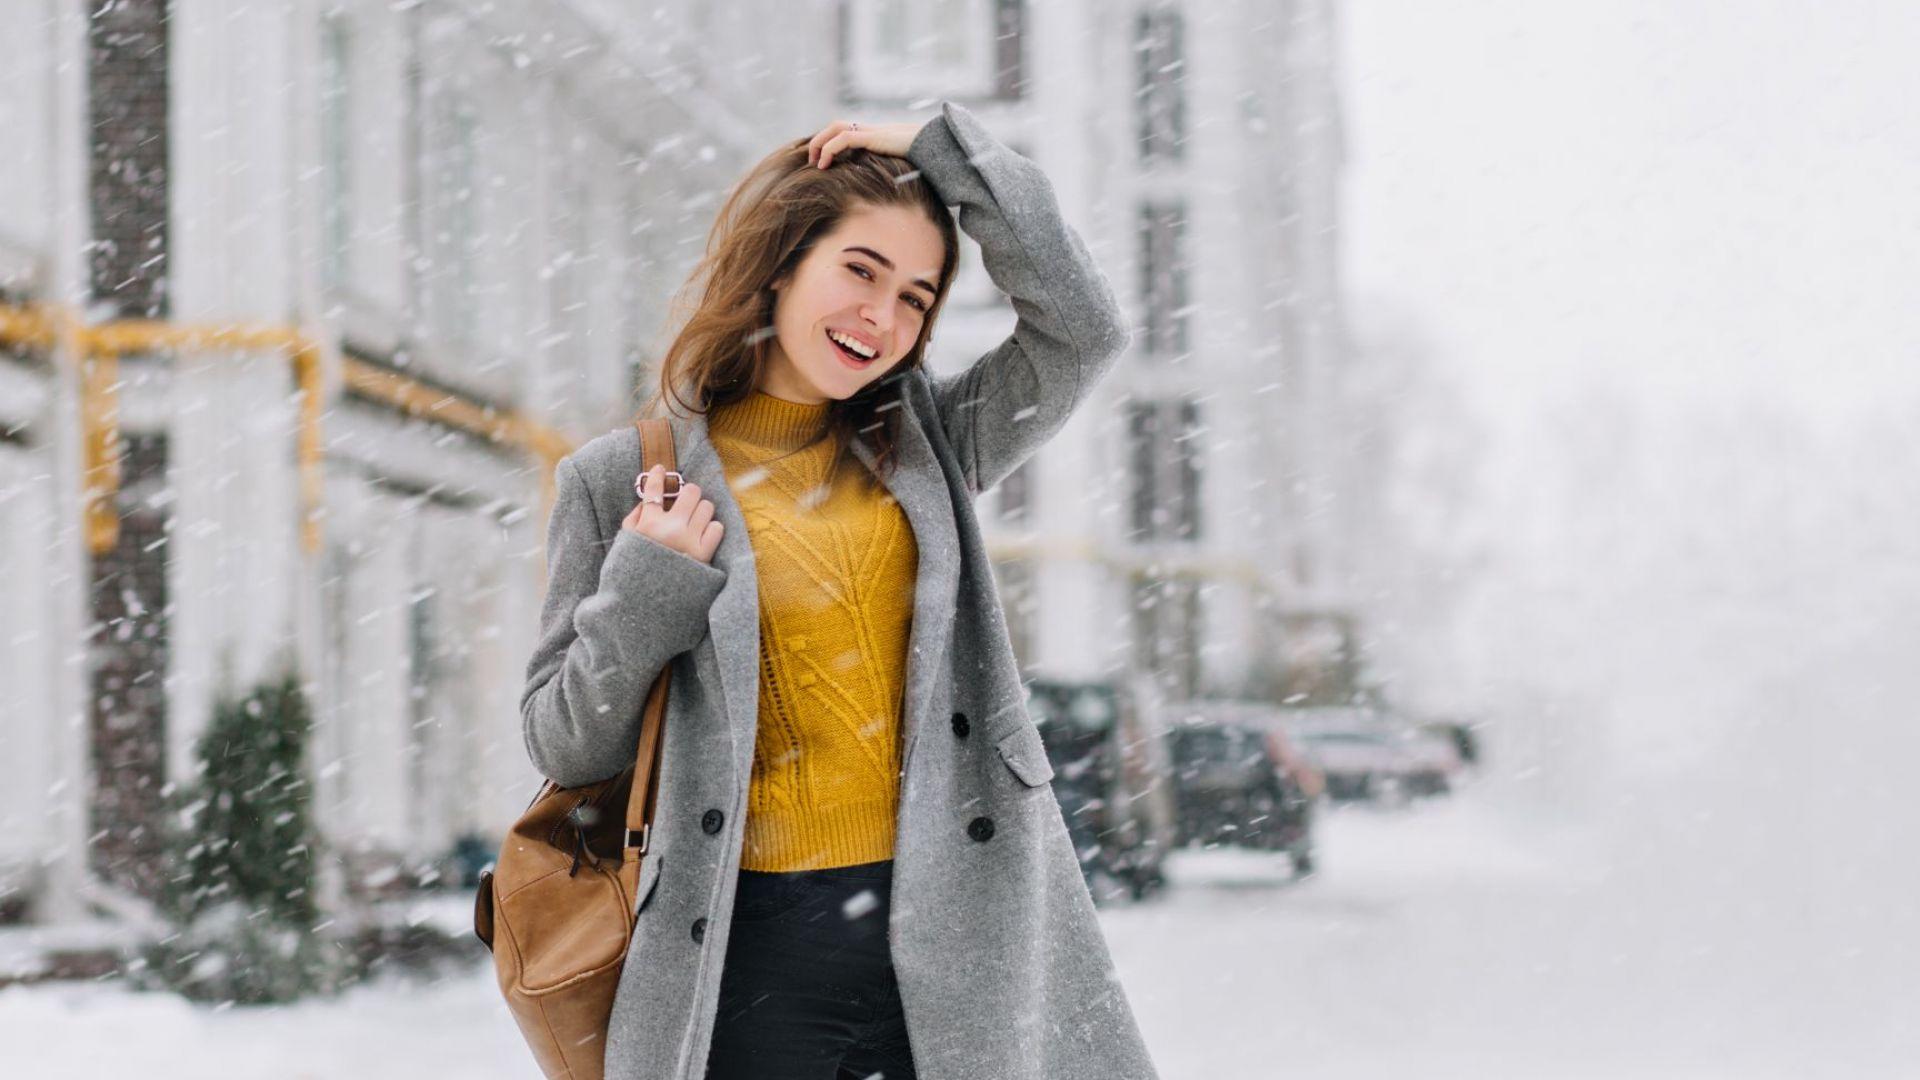 Gift guide идеи: Днес си щастлива. Не ти ли е неудобно?